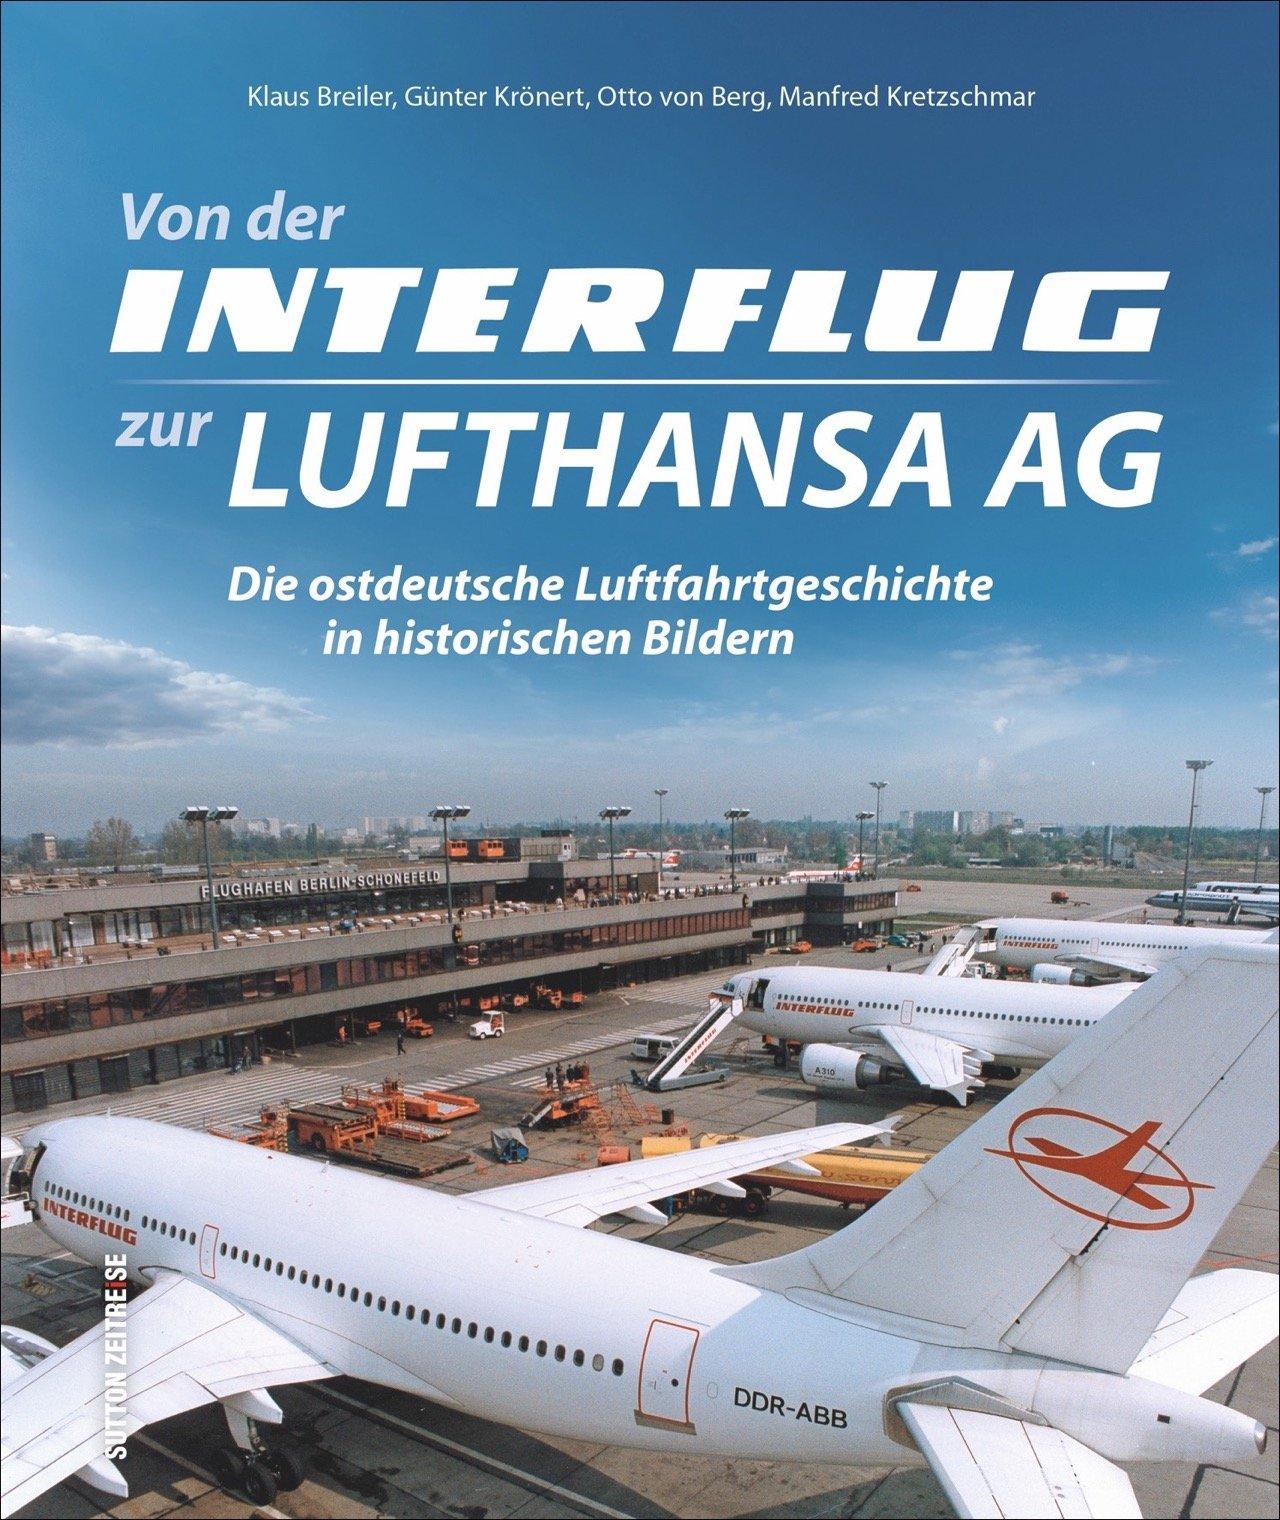 Die Geschichte der zivilen Luftfahrt in der DDR in faszinierenden Aufnahmen. Mit Kommentaren vom langjährigen DDR-Flugkapitän Klaus Breiler. (Sutton - Bilder der Luftfahrt)